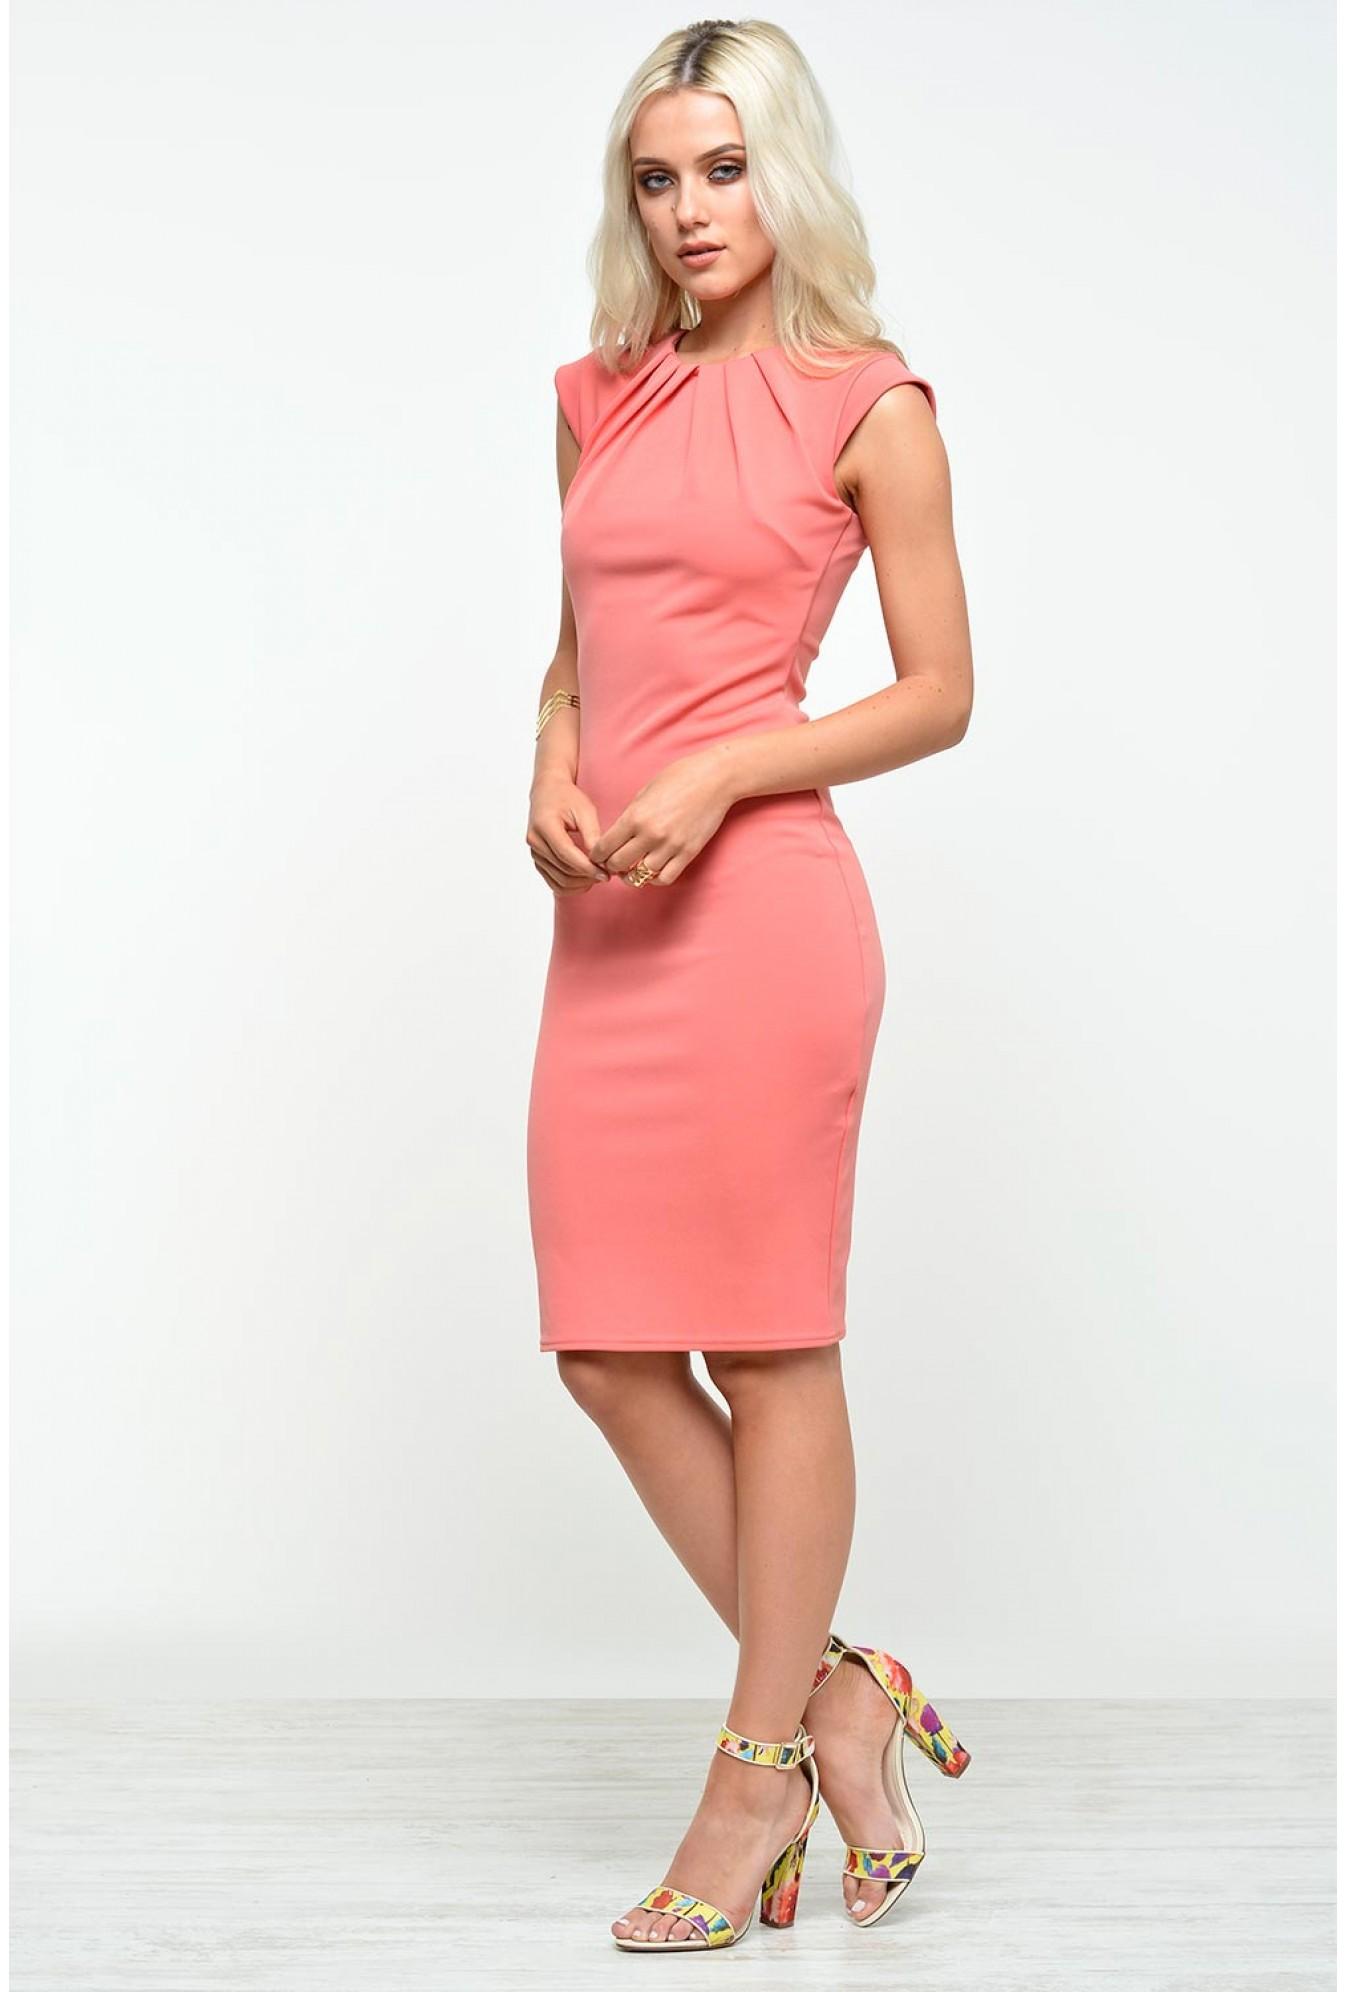 Goddiva Jadyn Pleat Cap Sleeve Midi Dress in Coral  cd496a57e